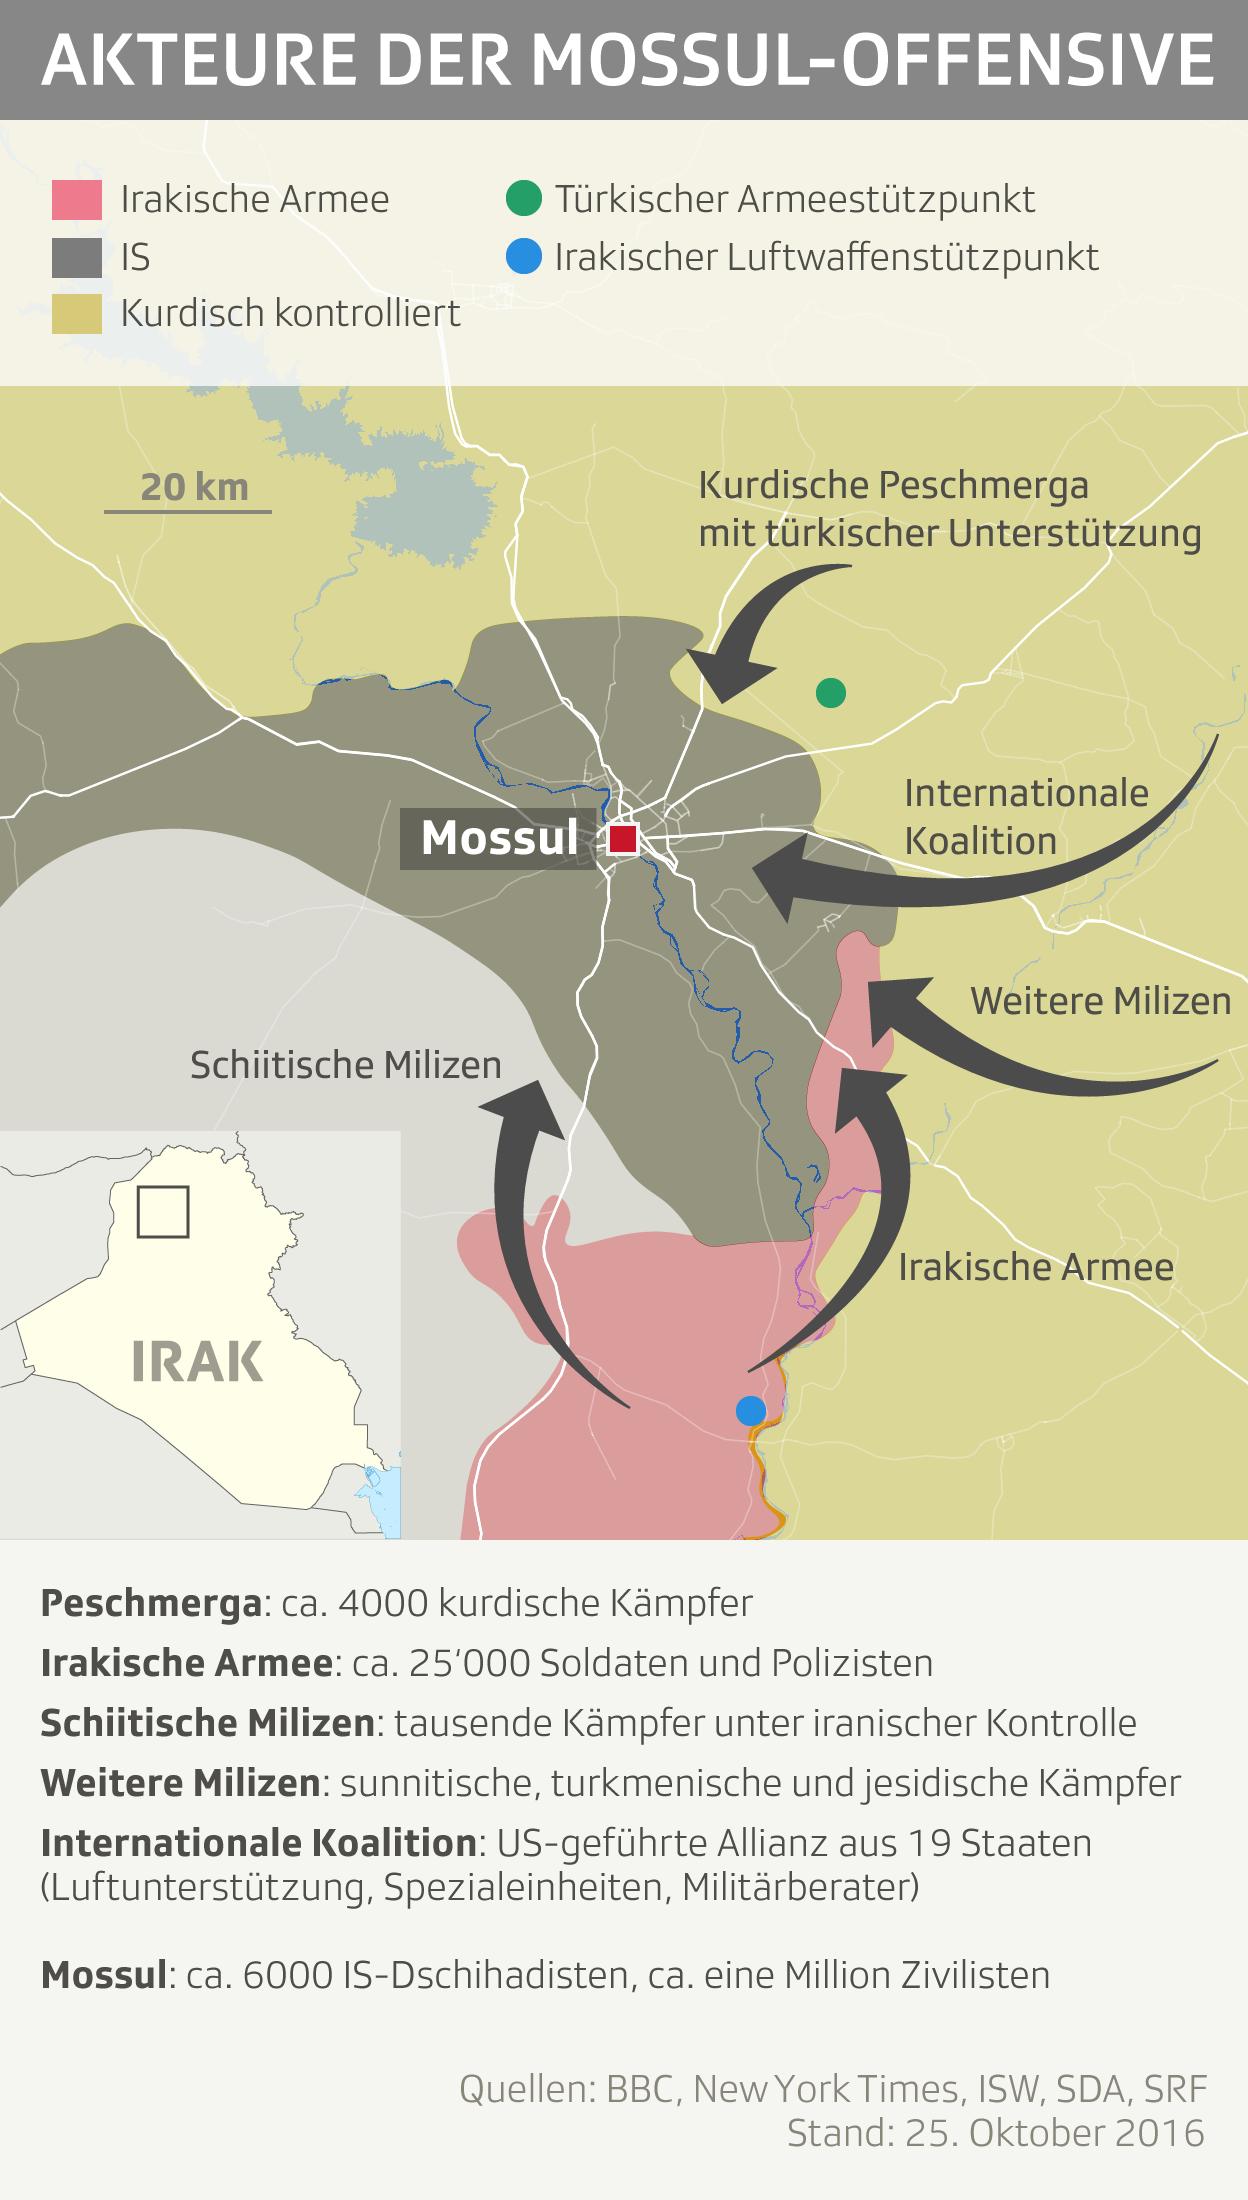 Die Akteure der Mossul Offensive auf Mossul